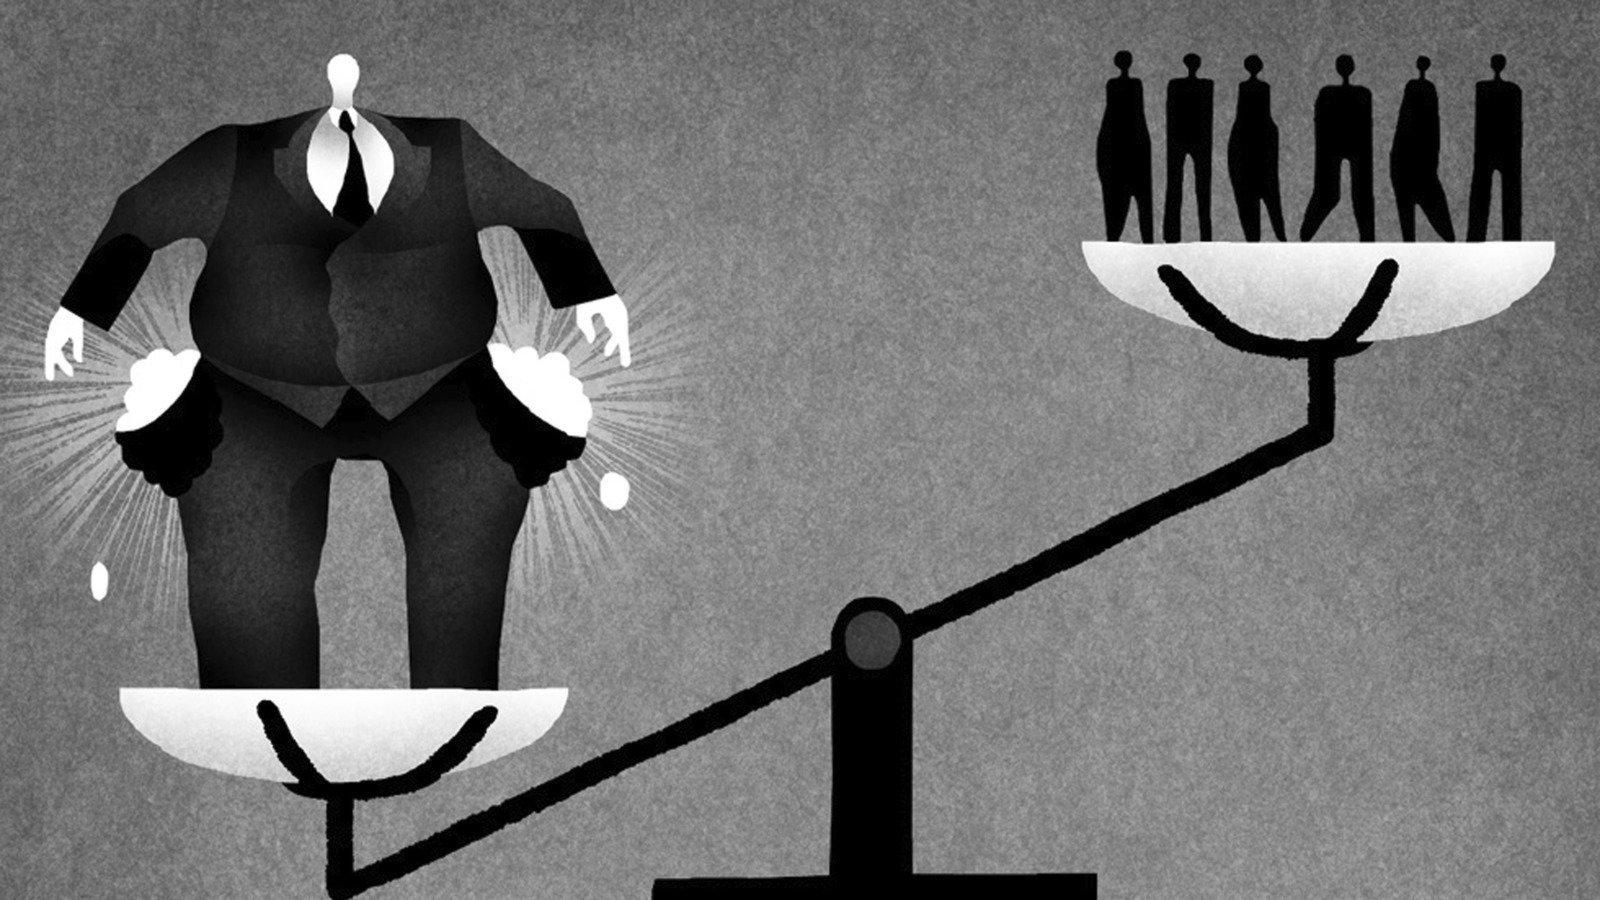 Допитване: Най-голямата заплаха за демокрацията е икономическото неравенство